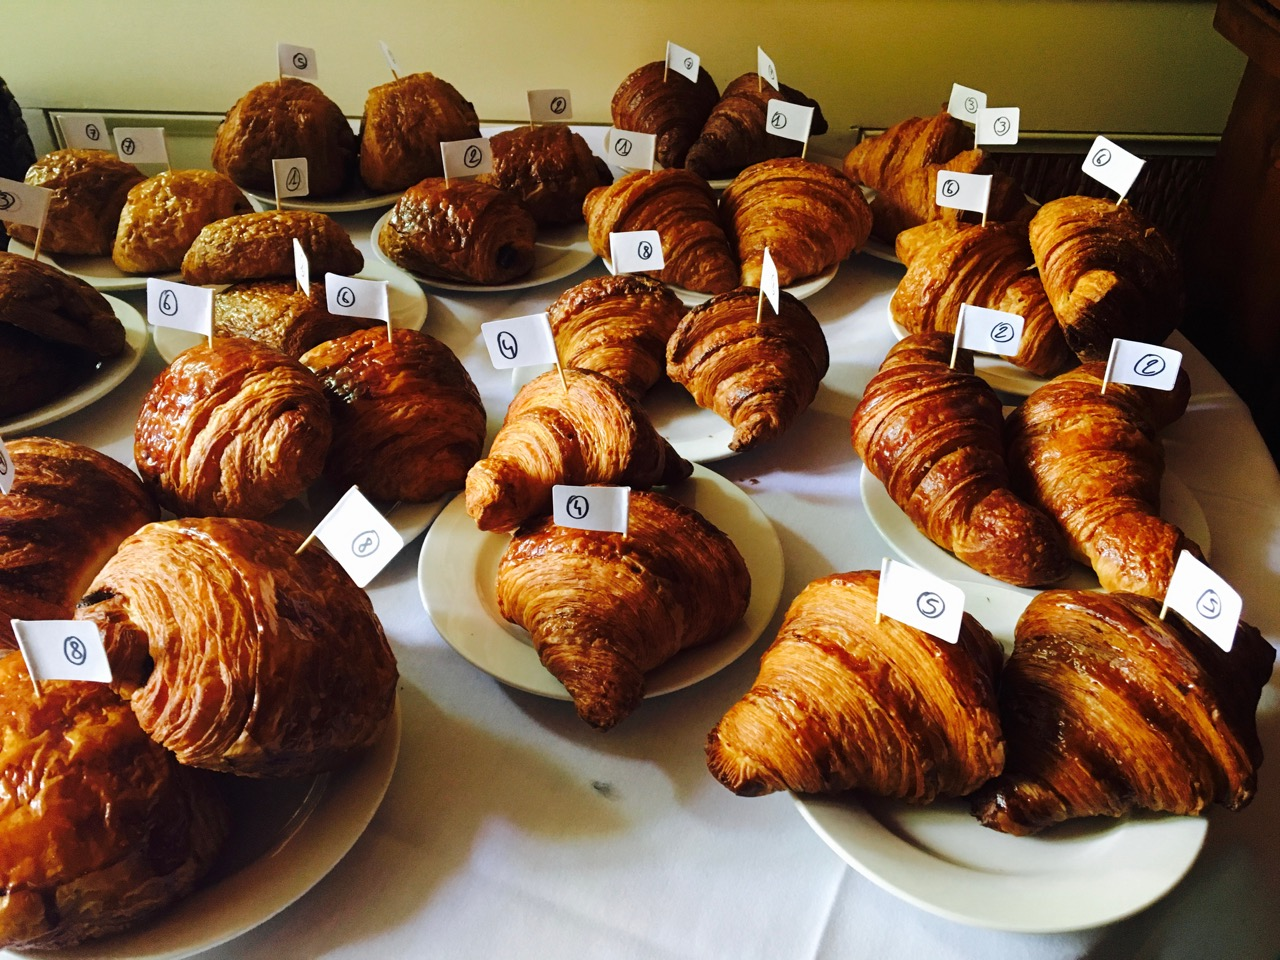 Croissant battle